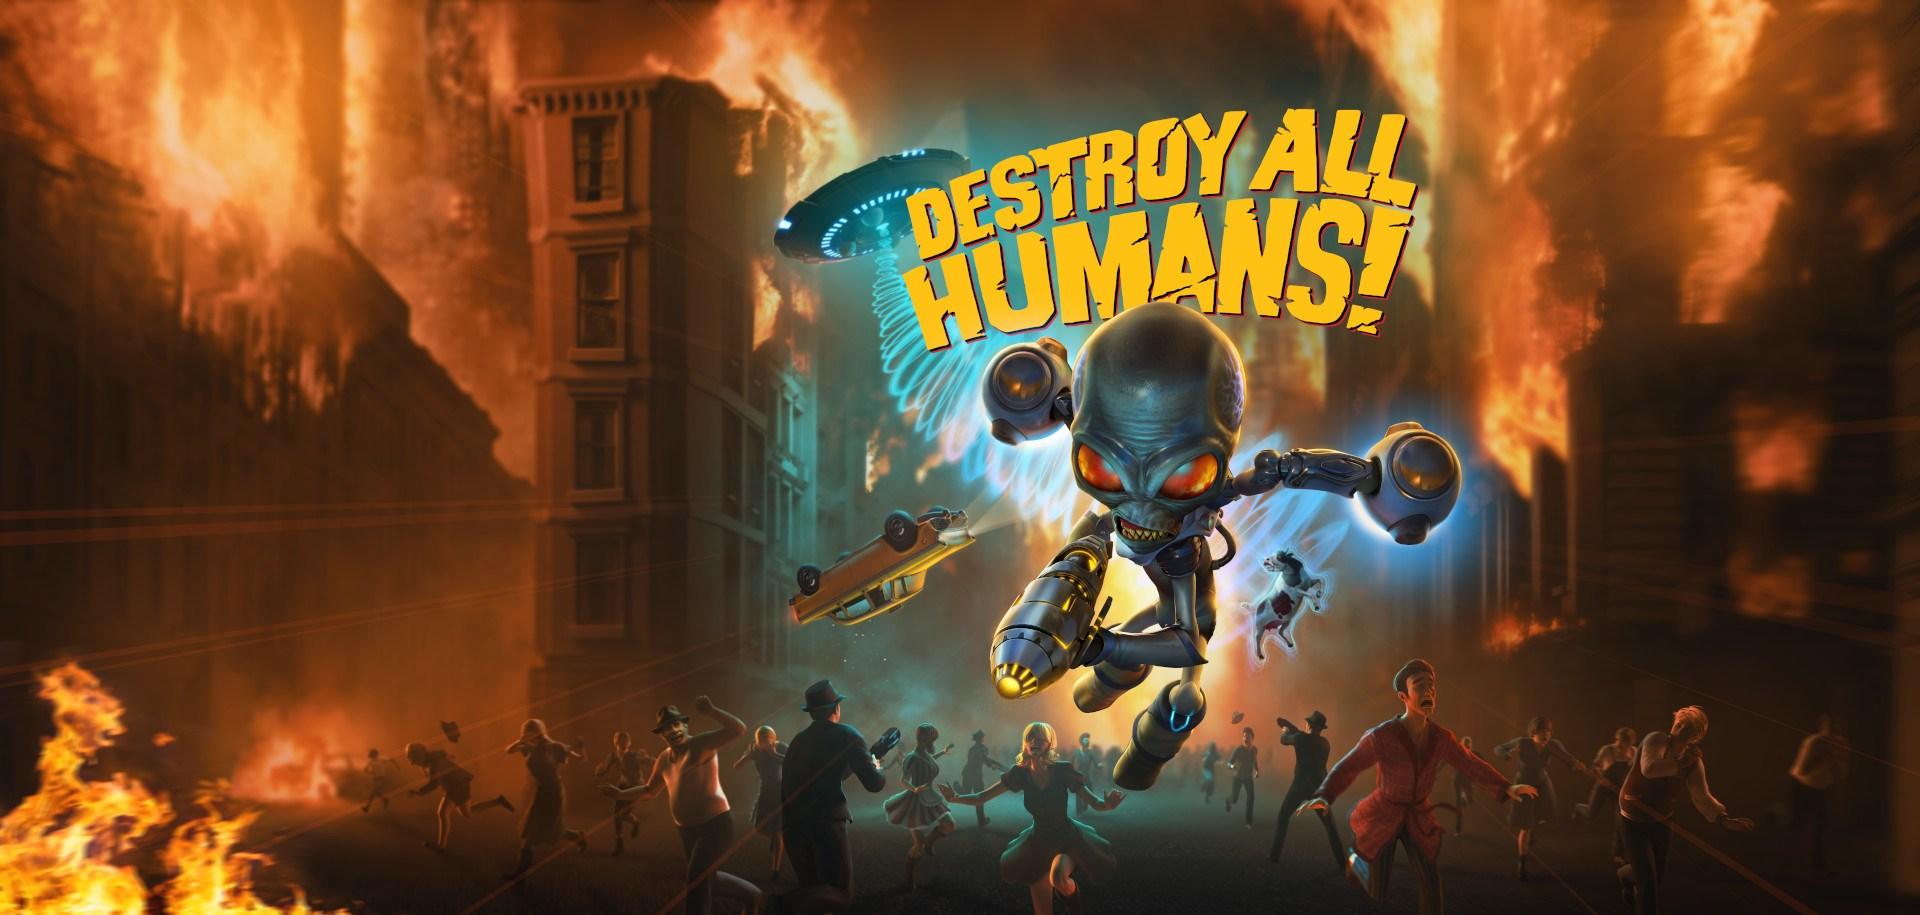 毁灭全人类修改器,毁灭全人类破解版,毁灭全人类中文版下载